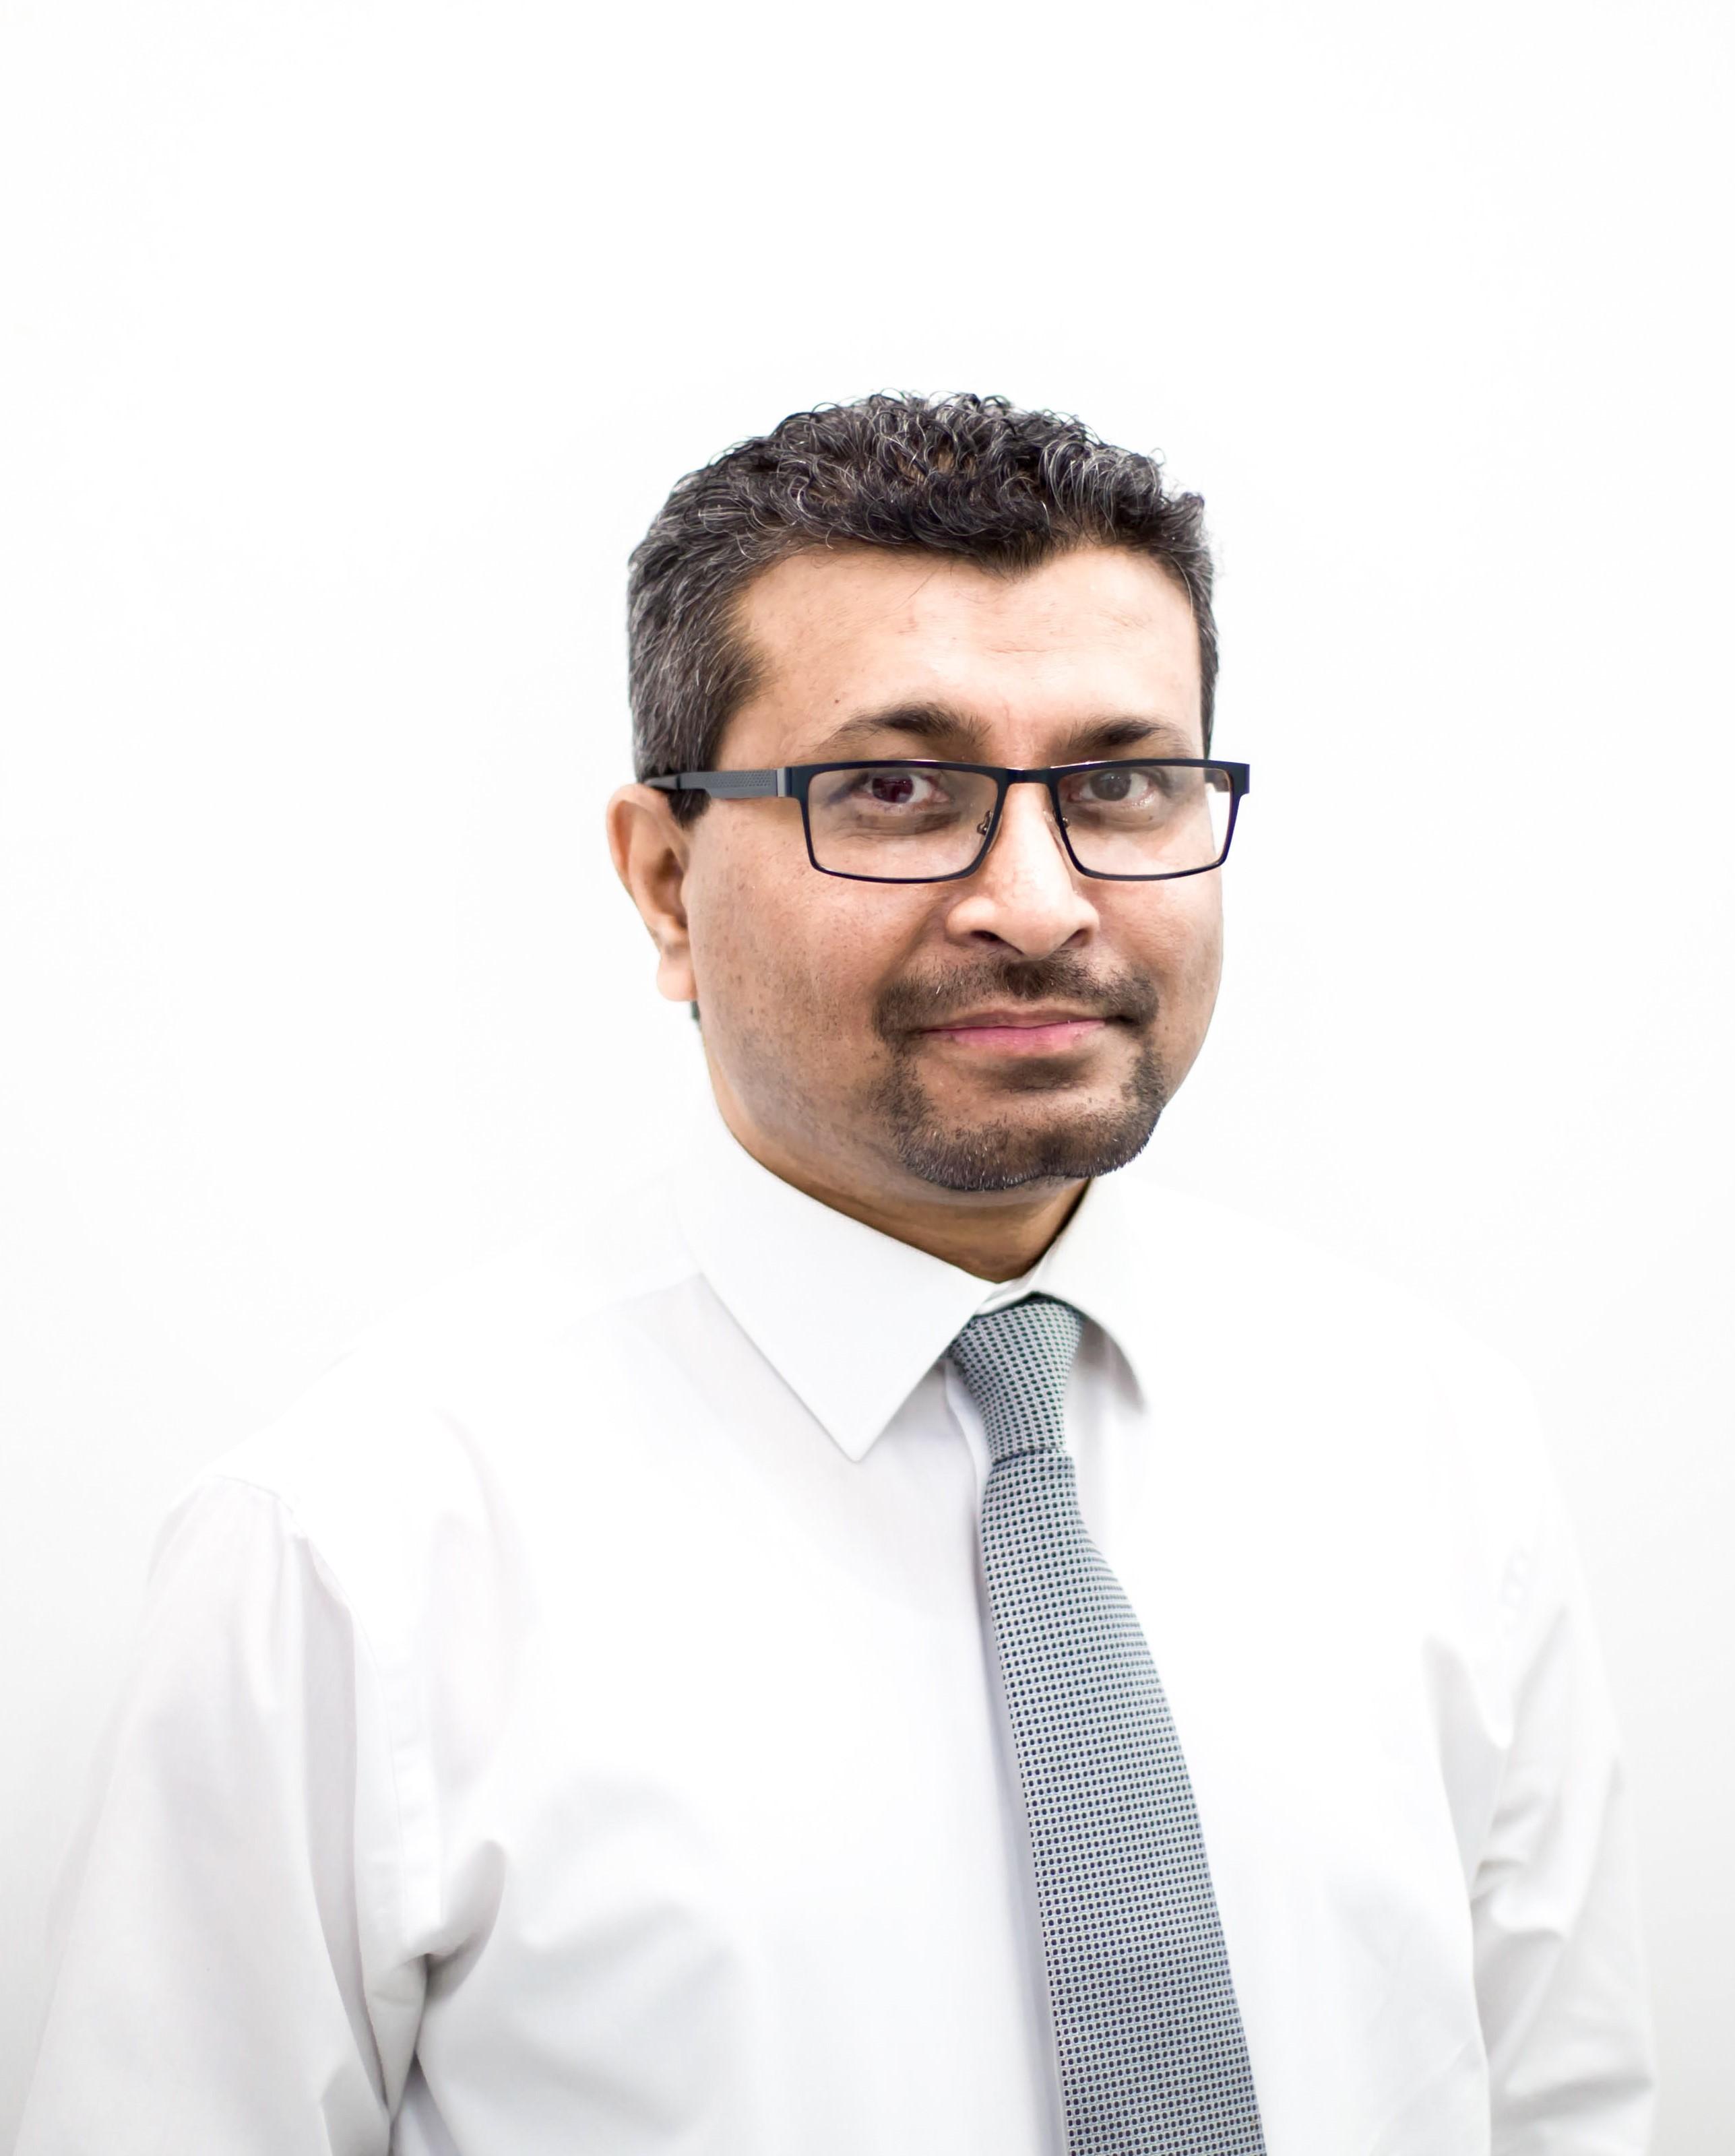 Amit Farooq